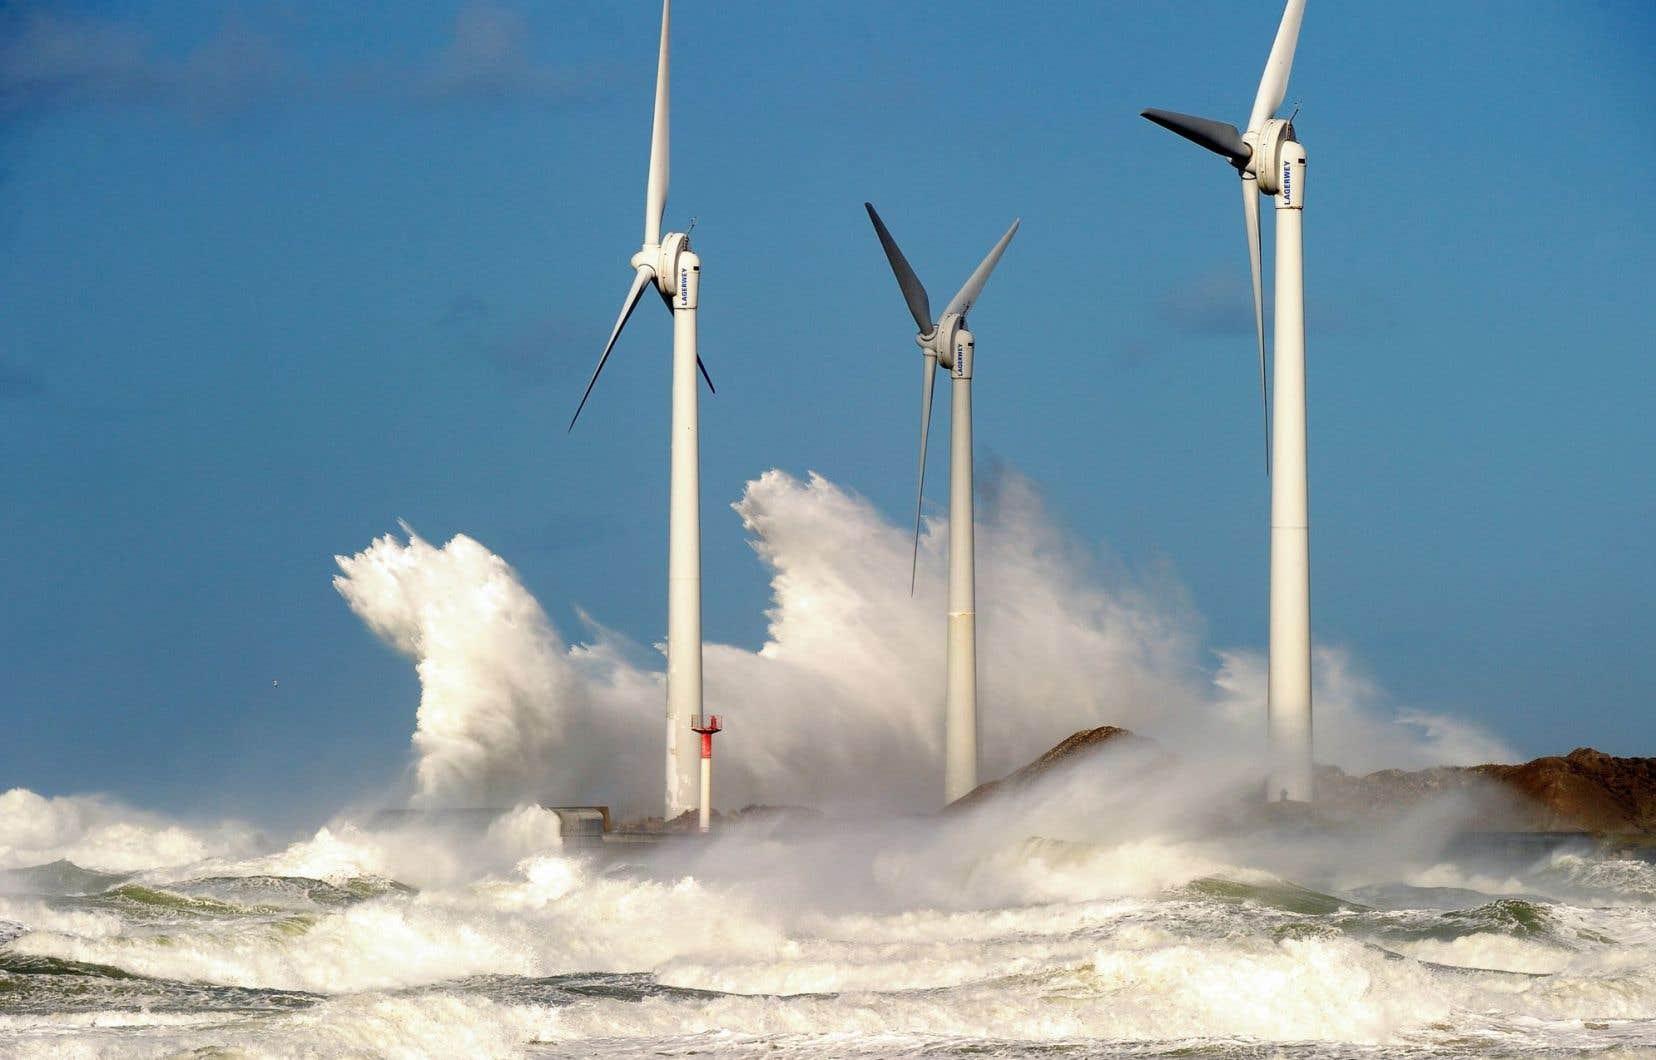 Les sources d'énergie renouvelables comptent pour la moitié des nouvelles capacités de production électrique construites durant les quatre dernières années.